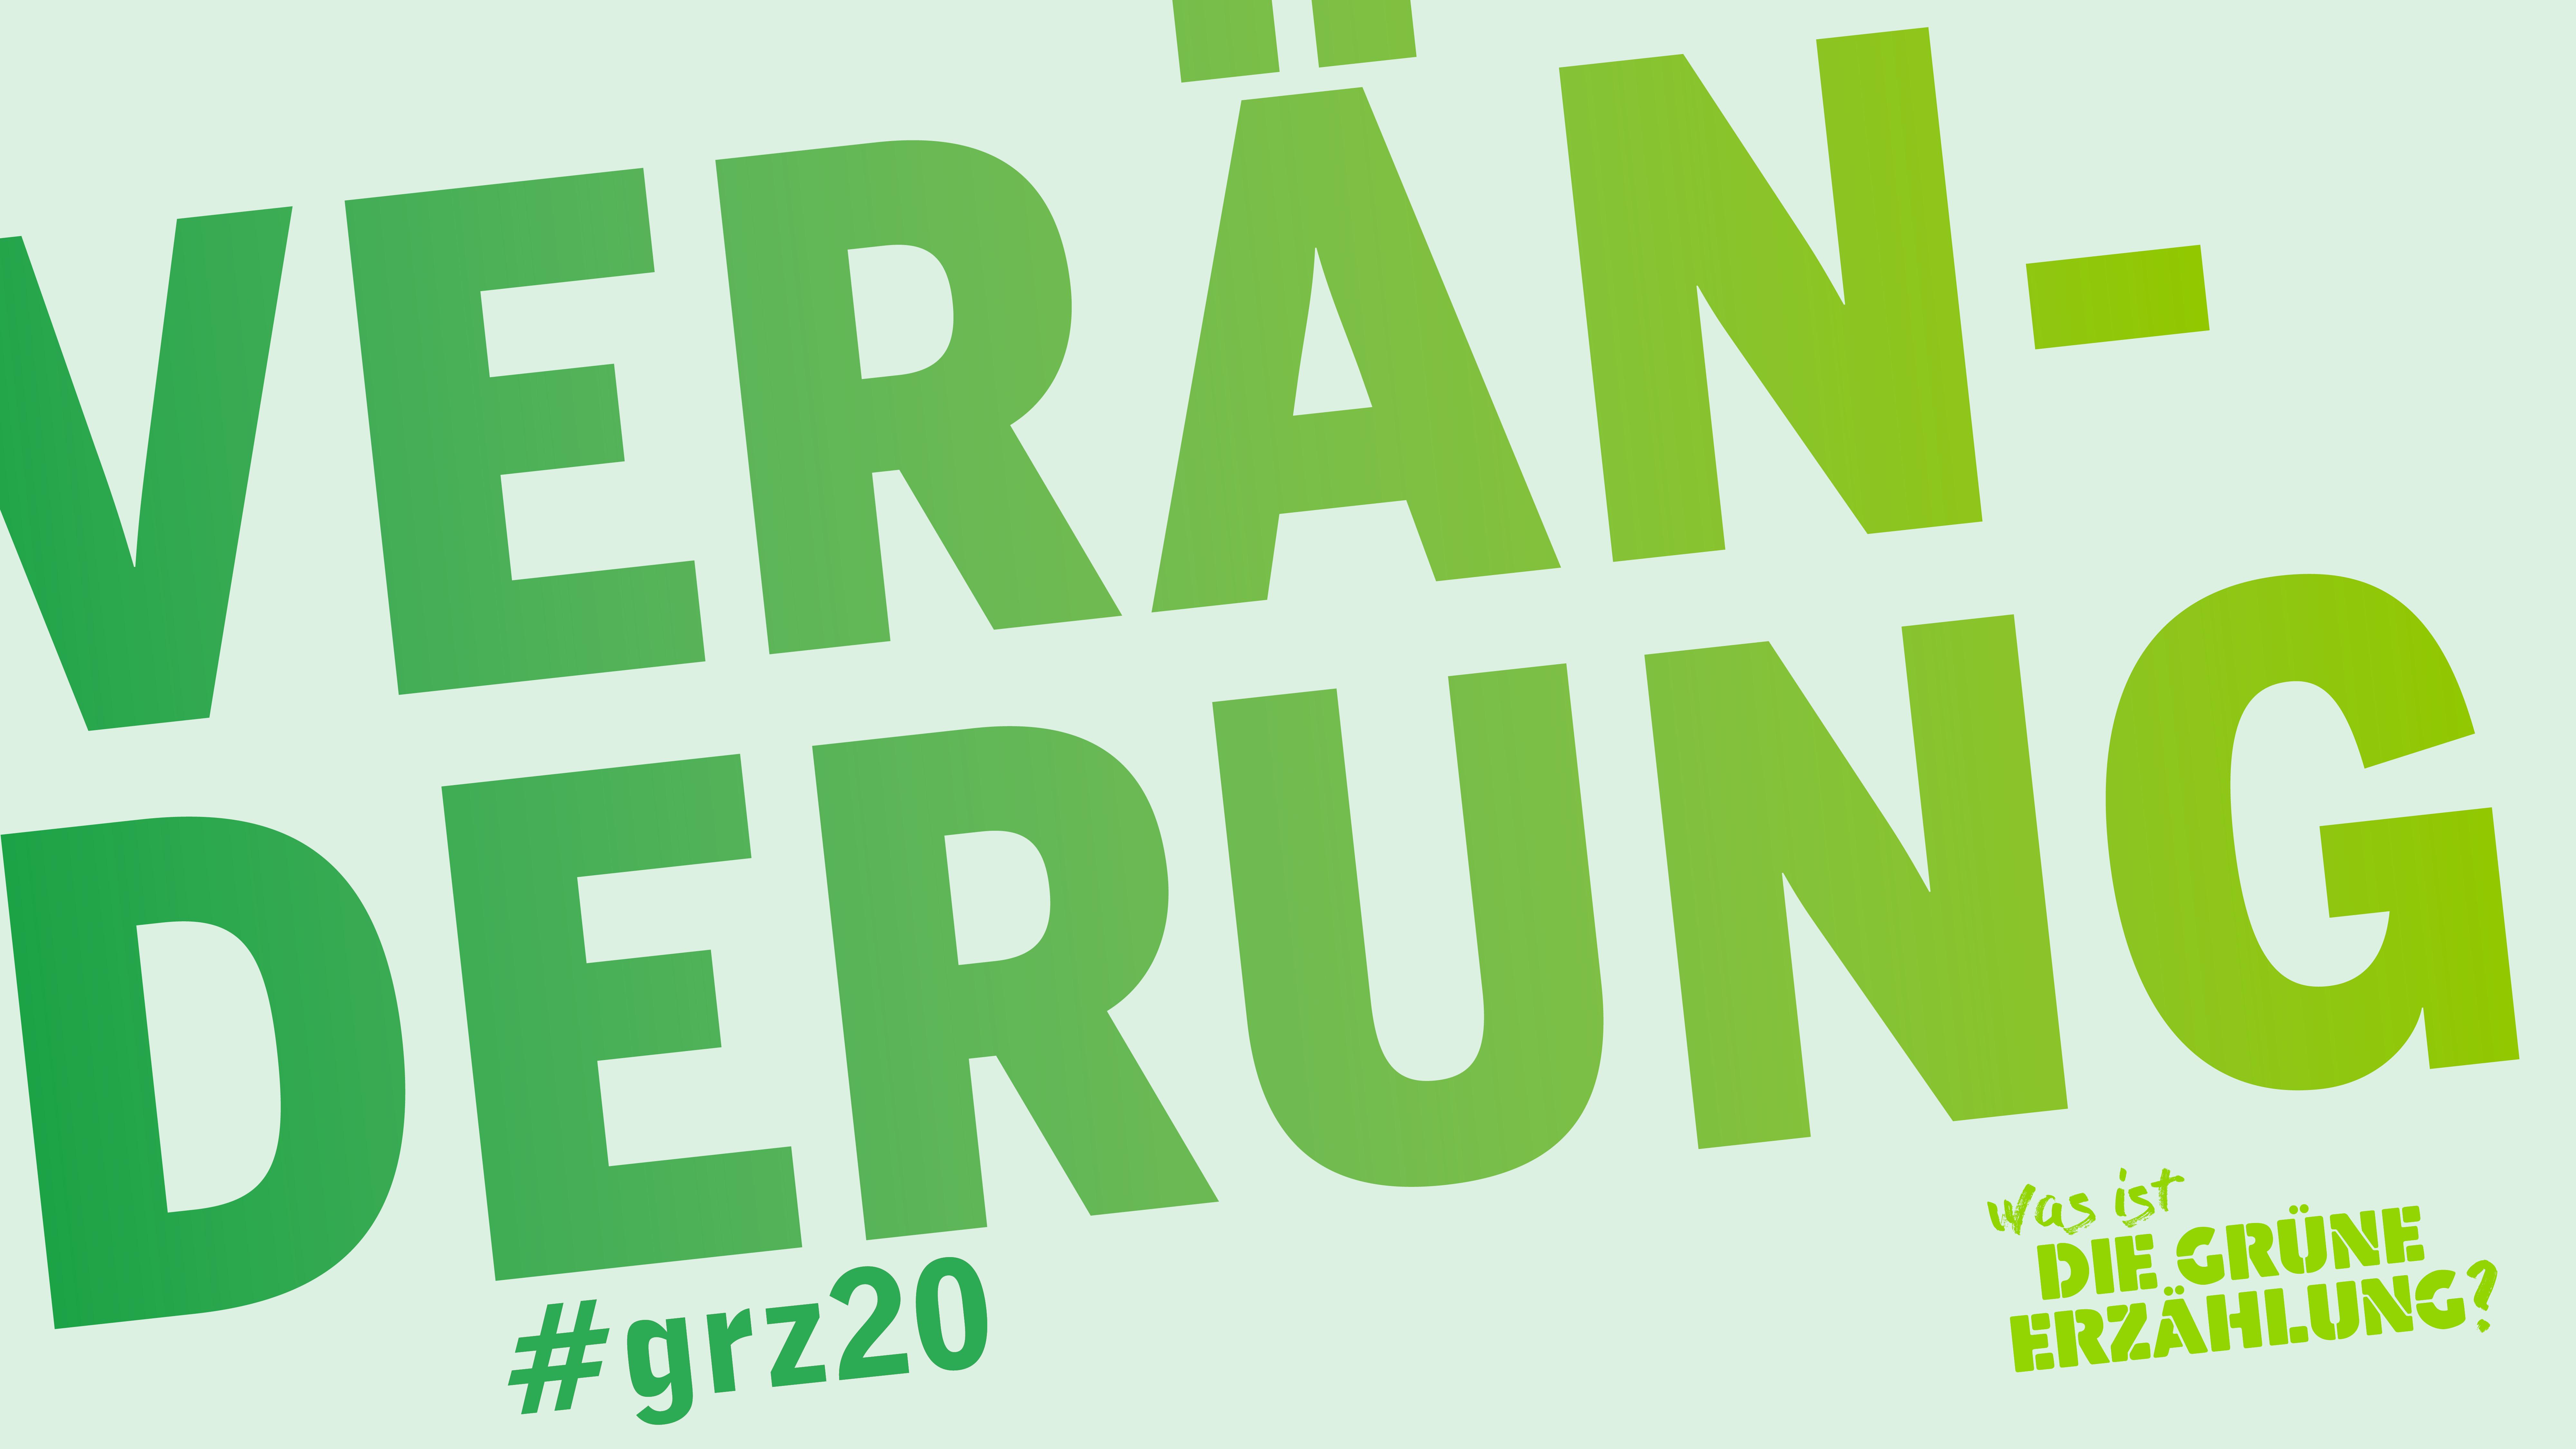 VERAENDERUNG | #grz20